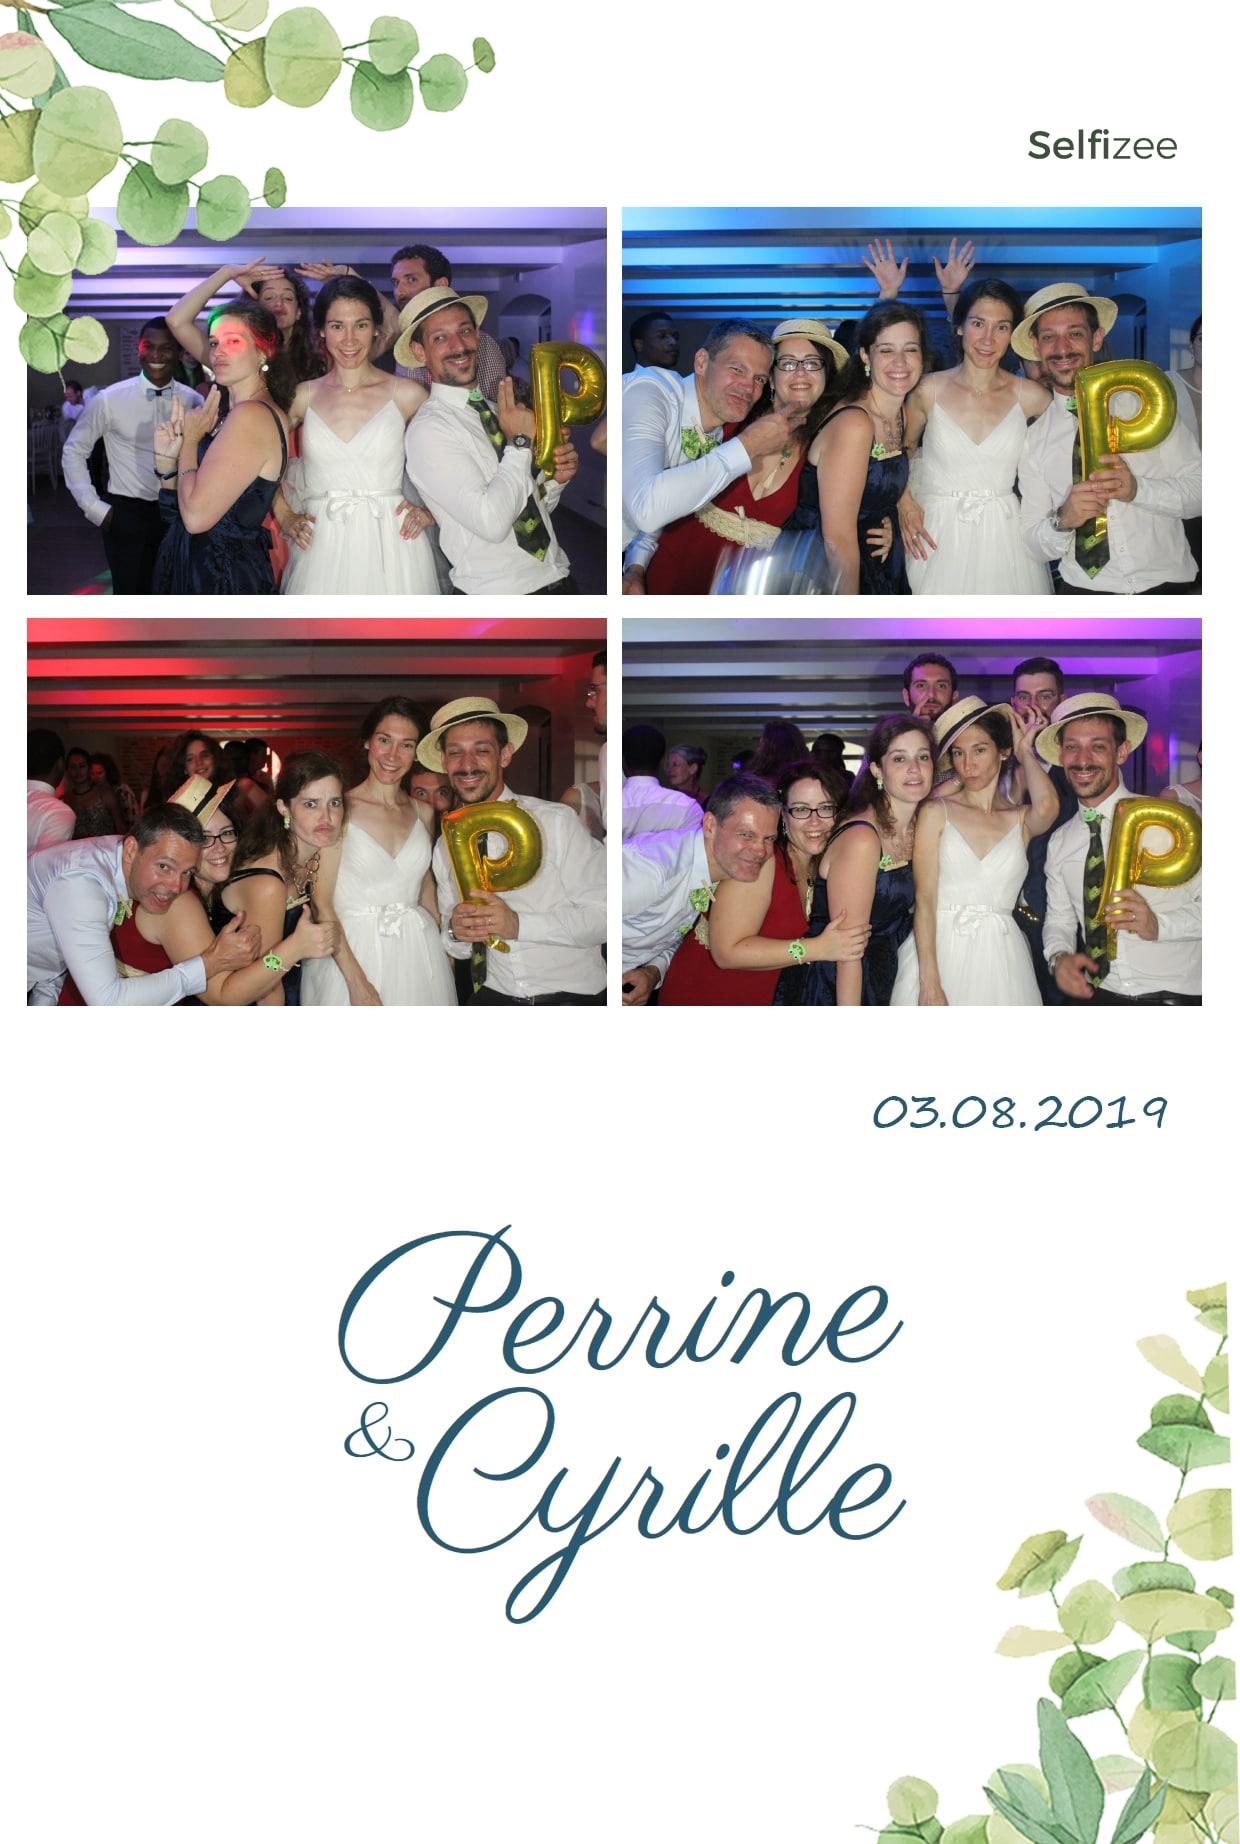 Borne photo pour animation selfie mariage personnalisé et shooting photo illimité à Carnac en Bretagne